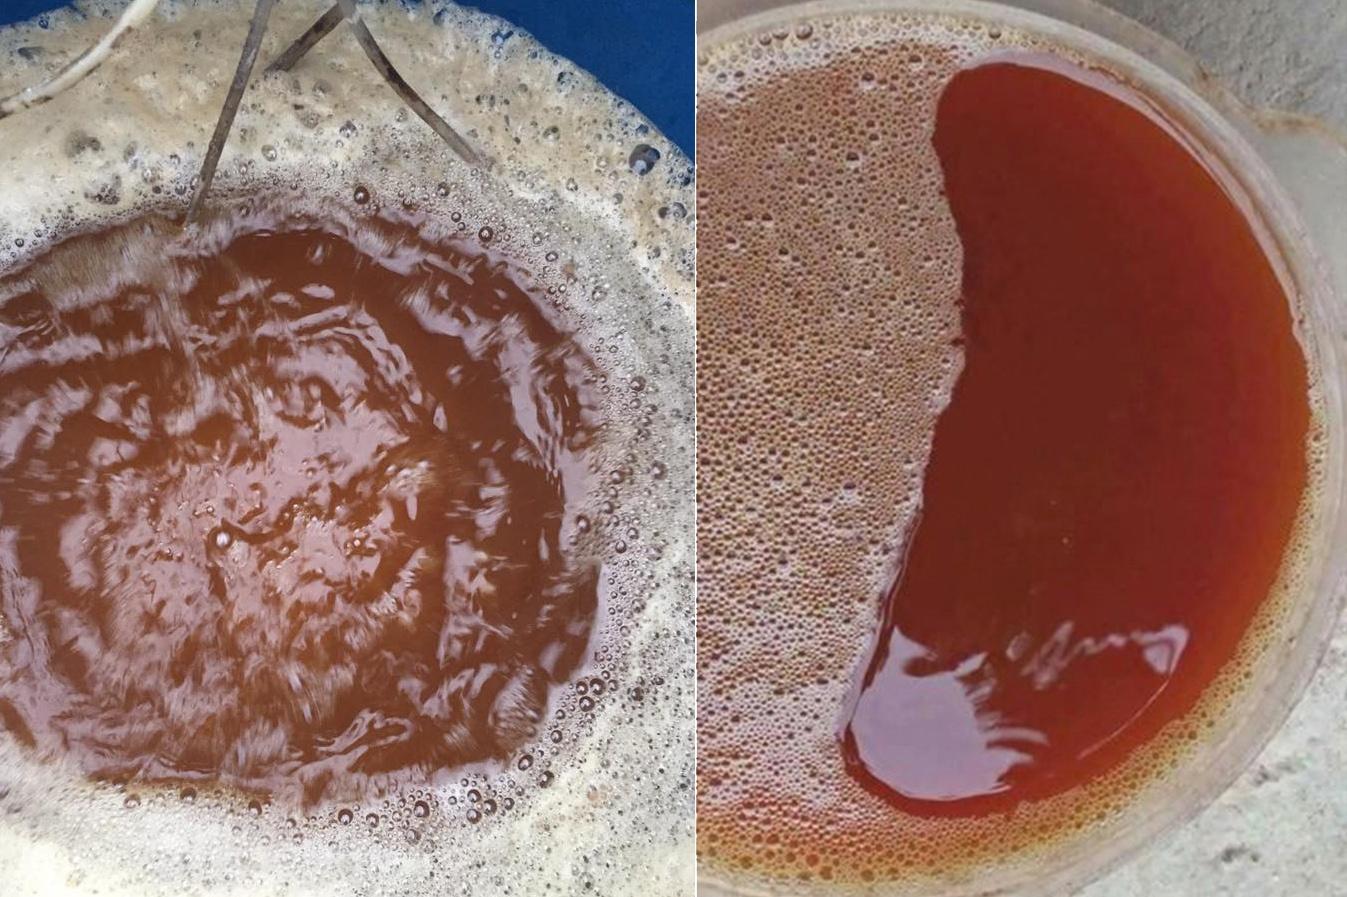 Kinh nghiệm sử dụng chế phẩm sinh học trong nuôi tôm